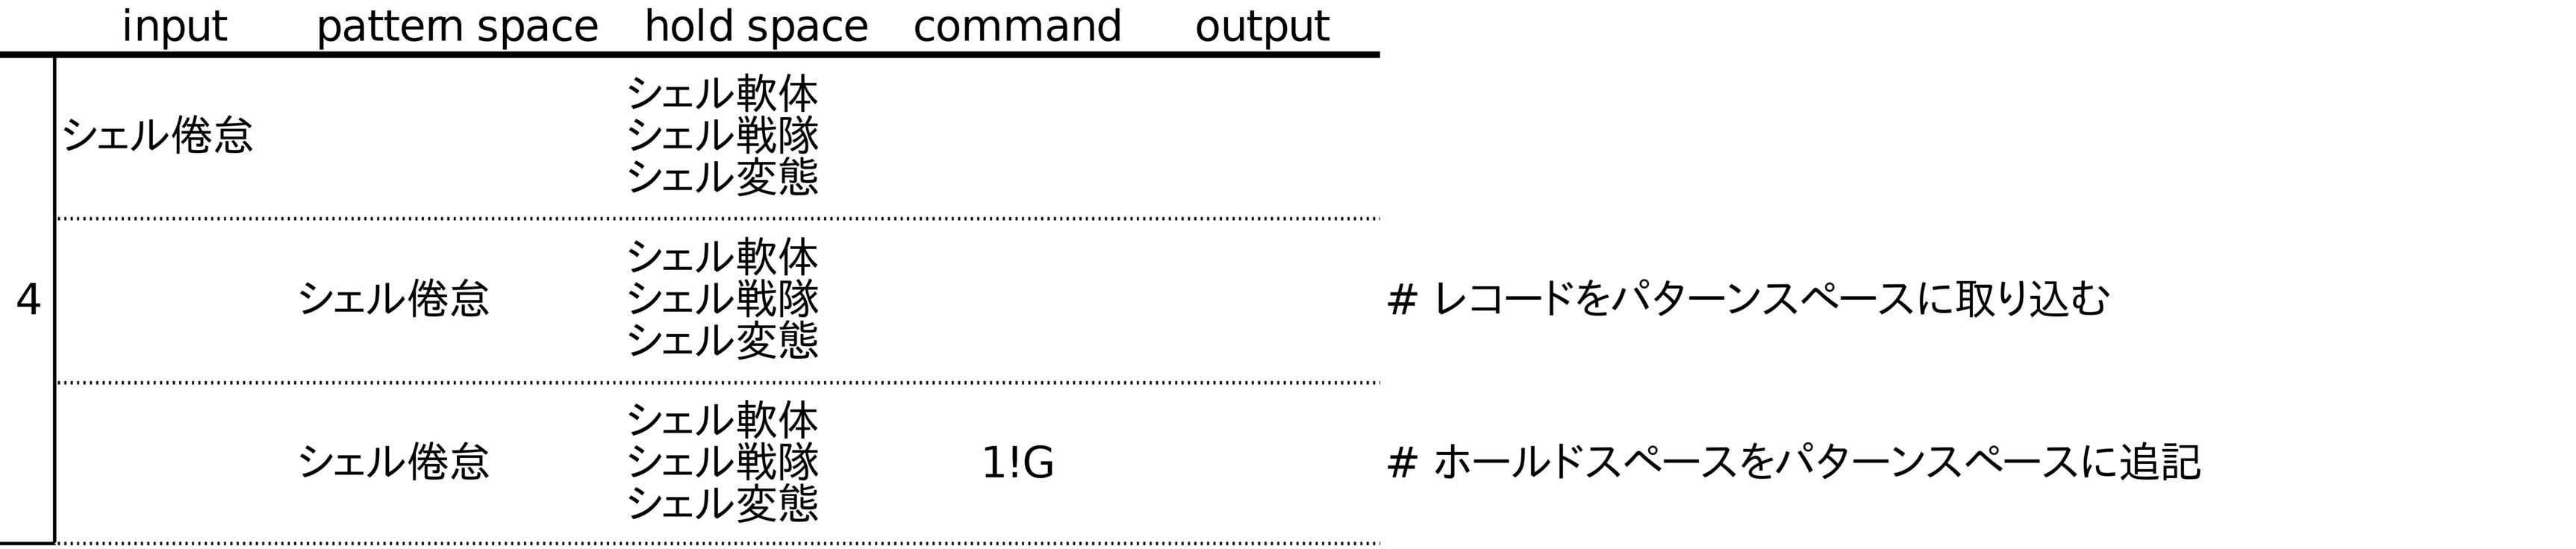 fig2-4-2.jpg